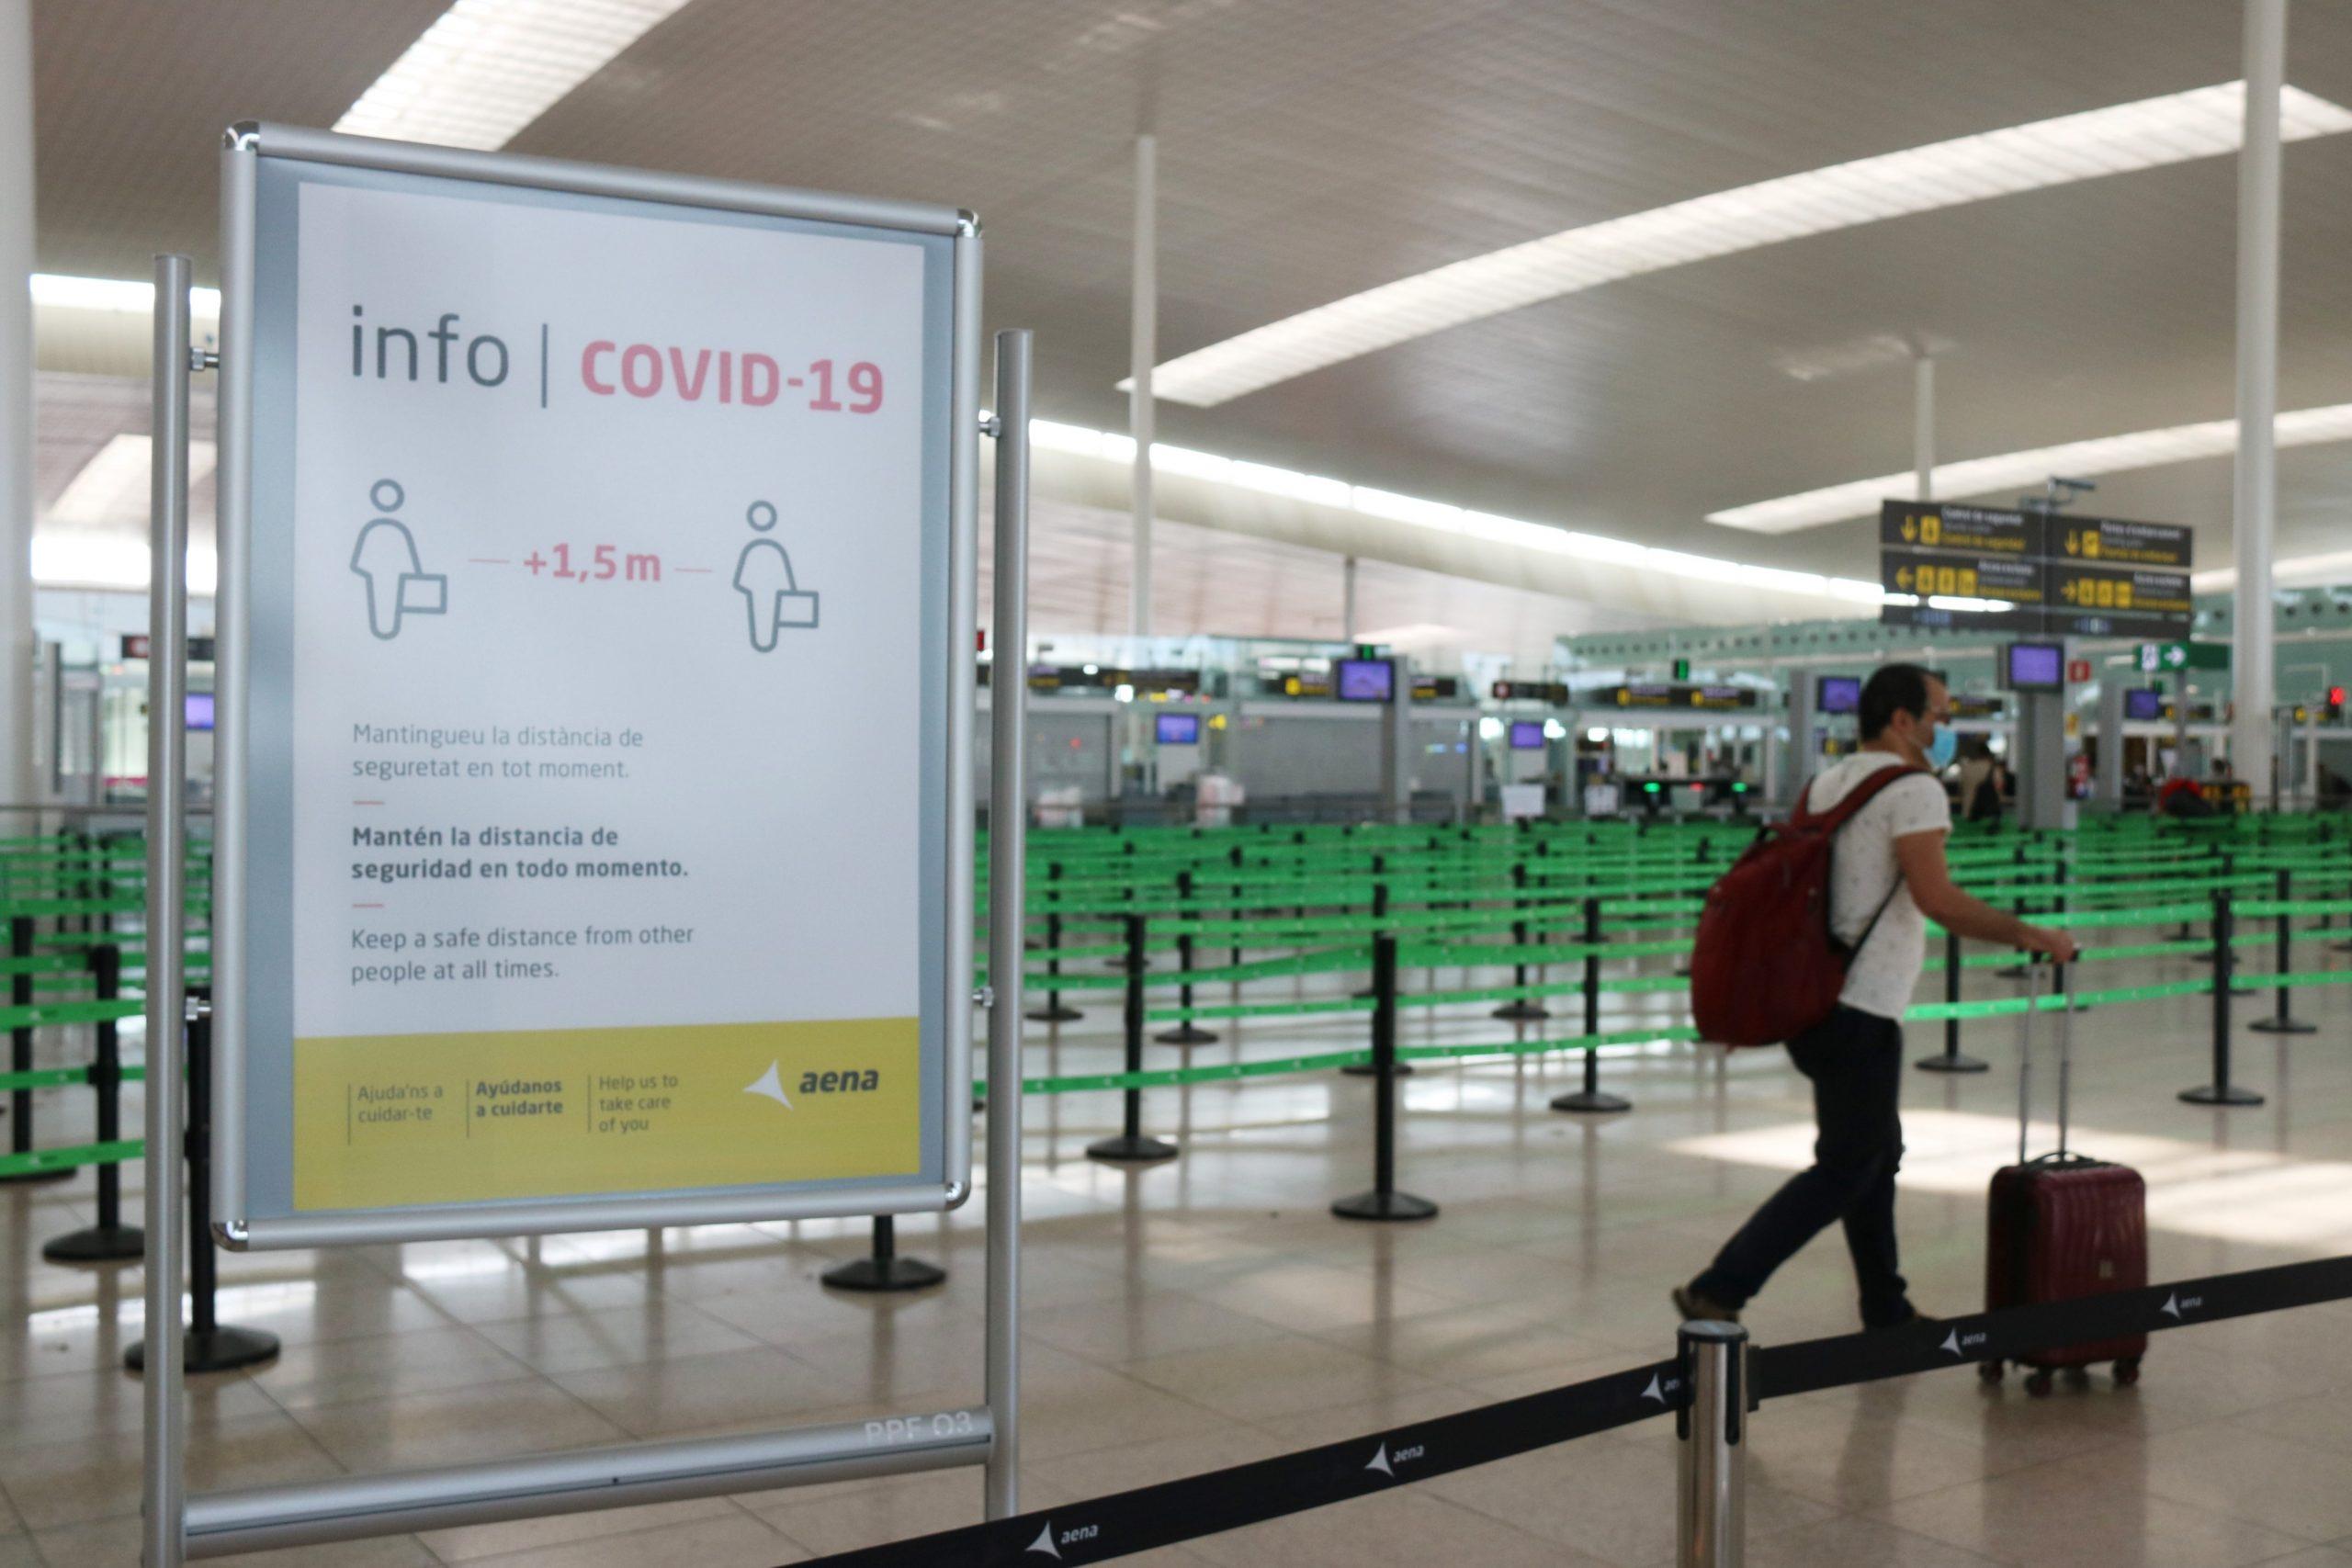 Un cartell informatiu de la covid-19 i un passatger arrossegant una maleta amb el control de seguretat de la T1 de l'Aeroport del Prat pràcticament buit | ACN